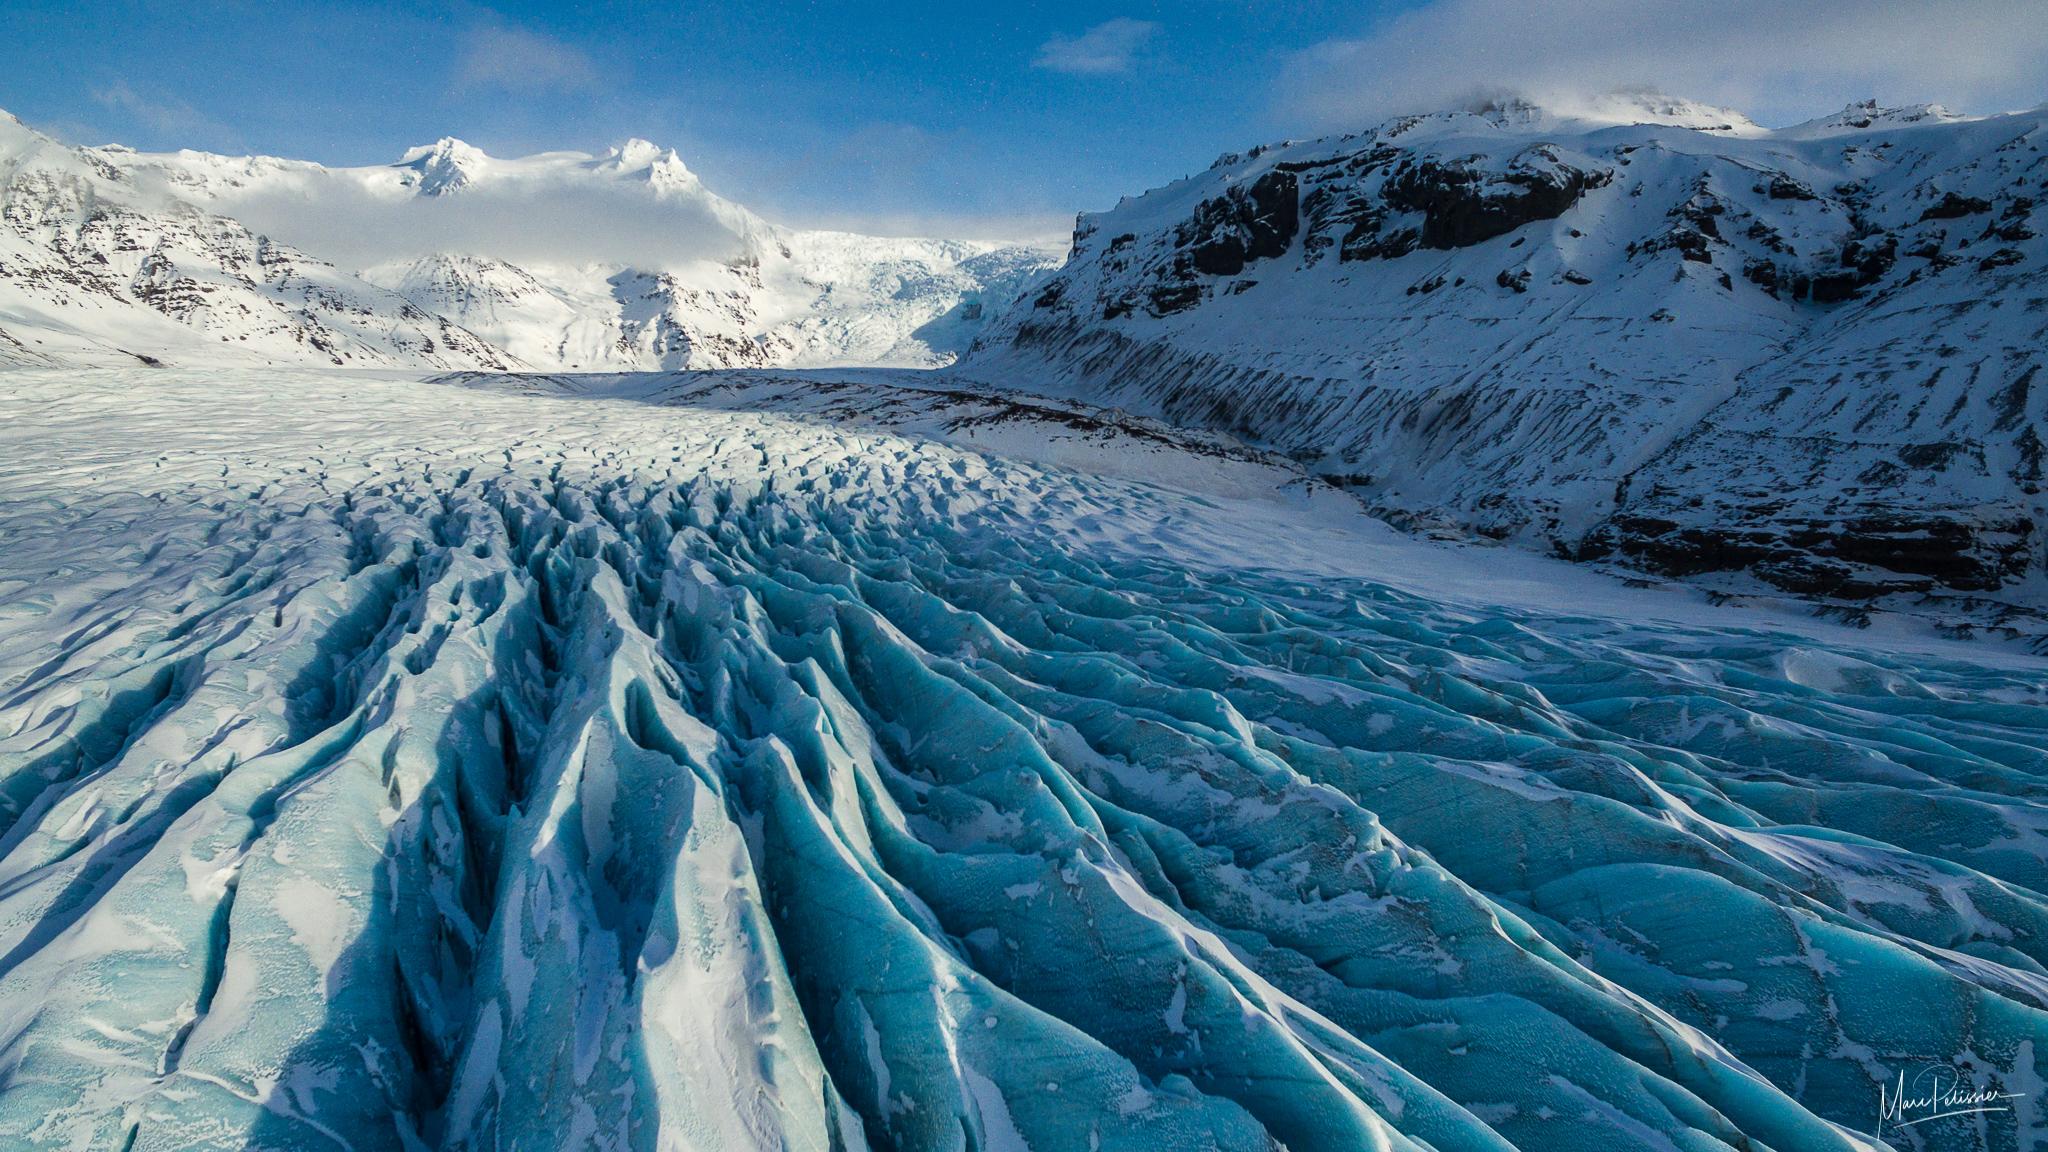 The ice teeth of Svínafellsjökull Glacier, Iceland